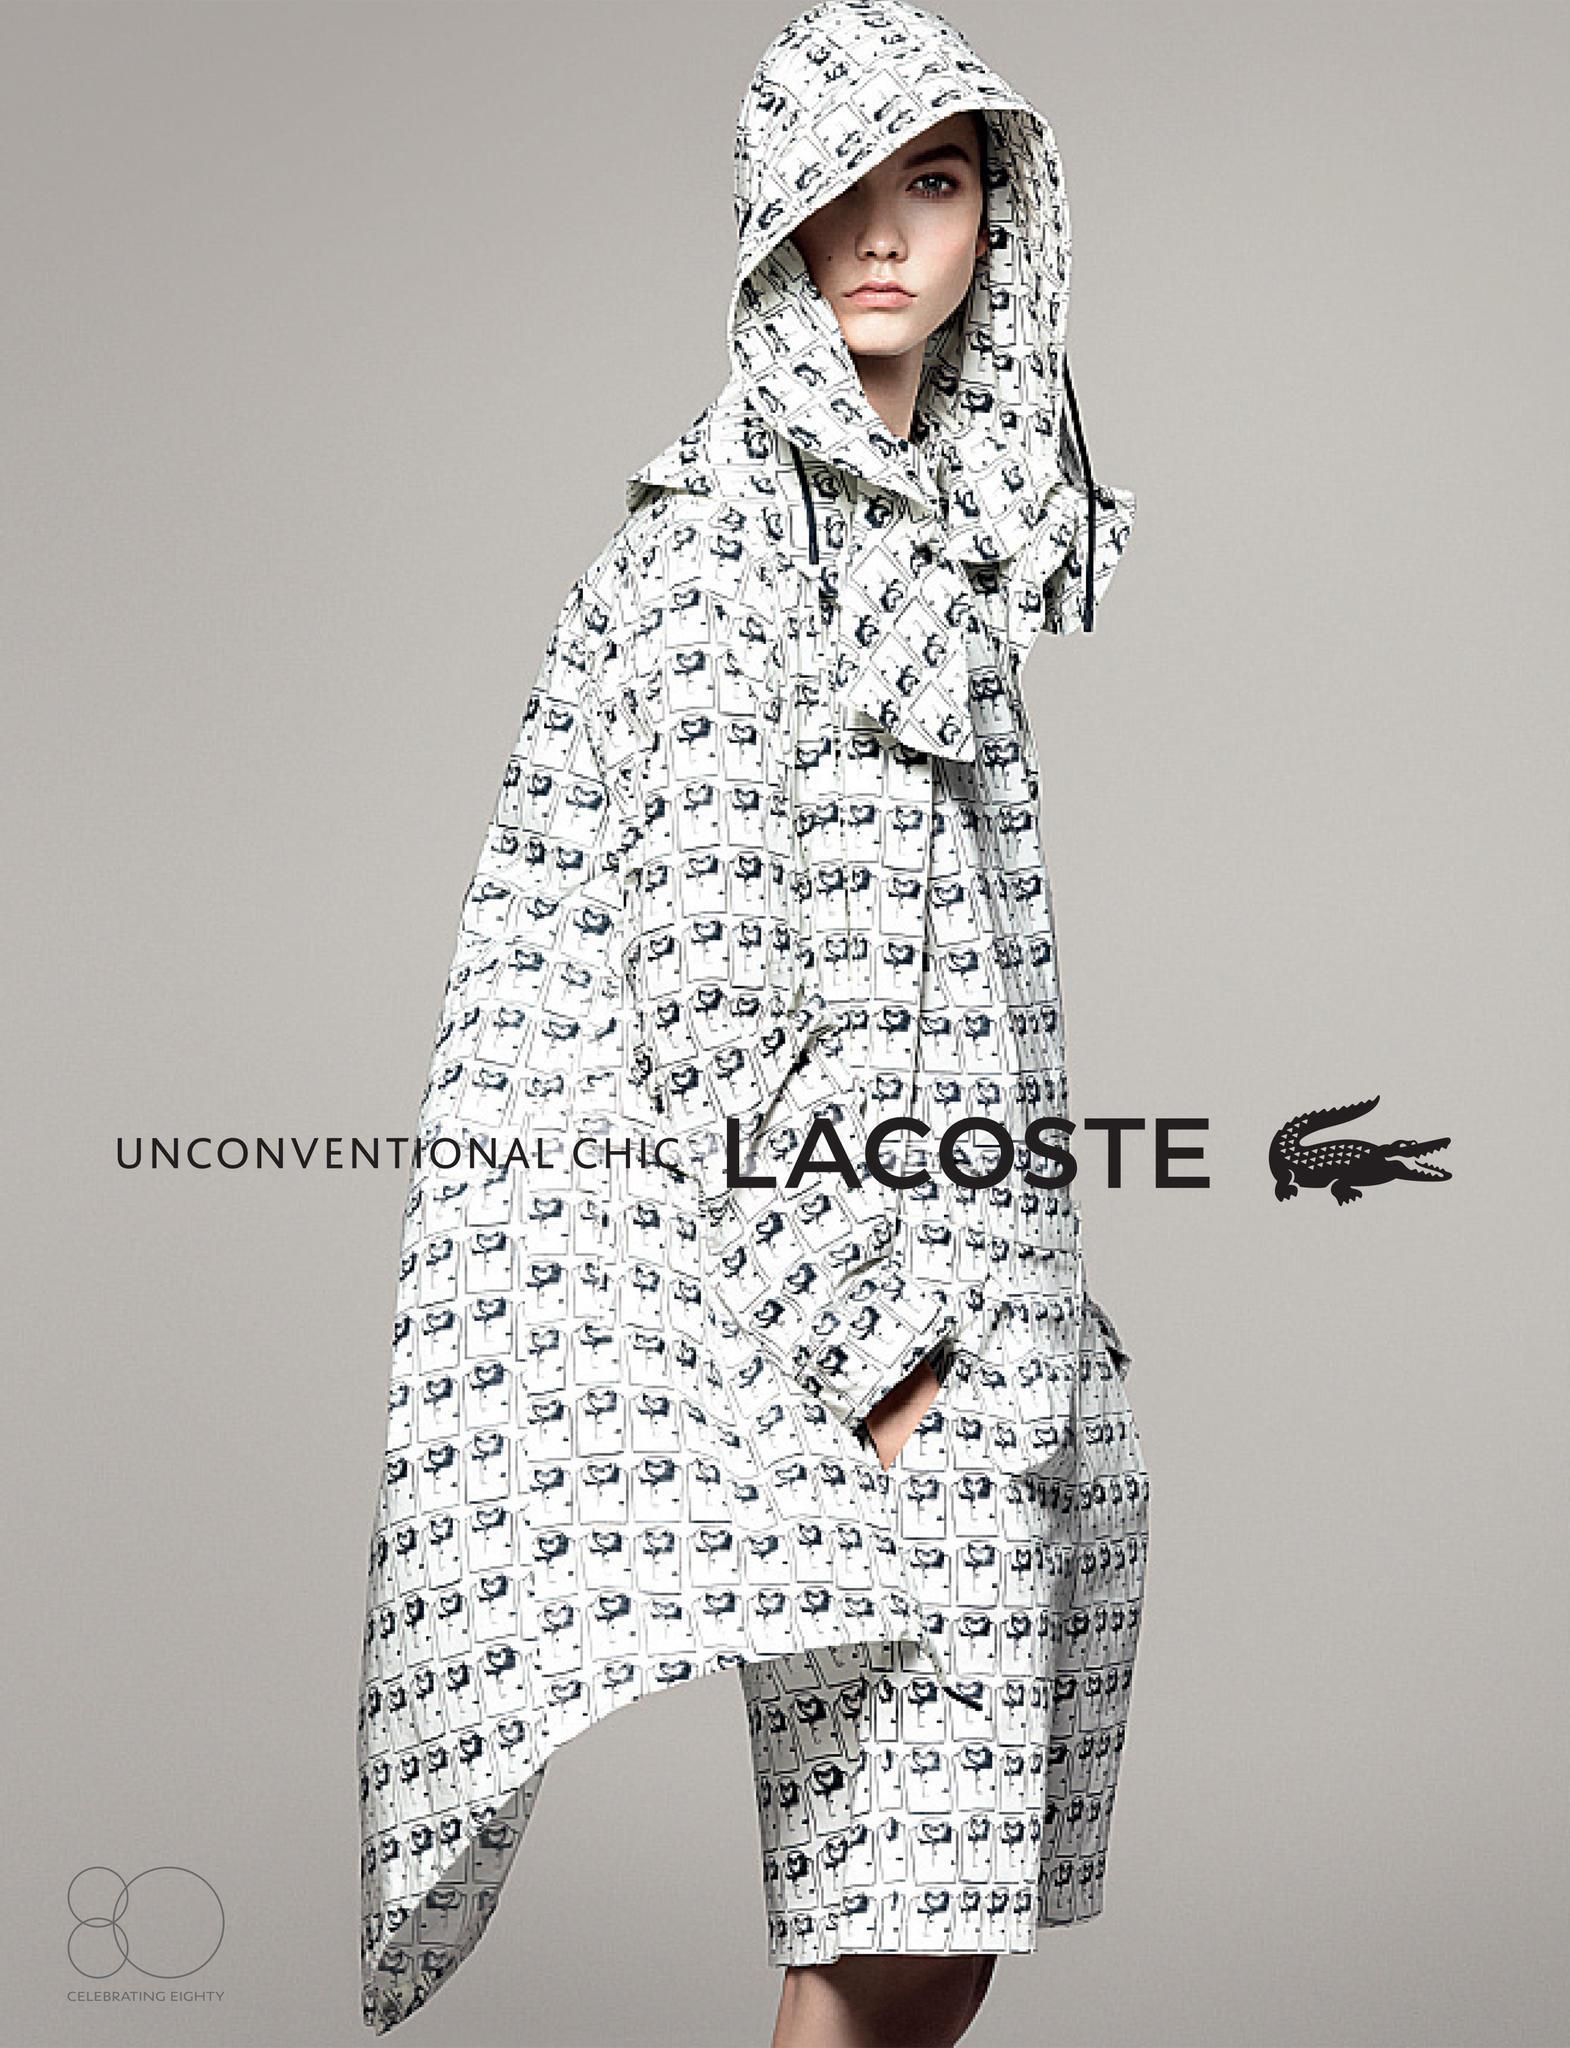 najlepsza strona internetowa jakość ogromny wybór Lacoste - Art Partner